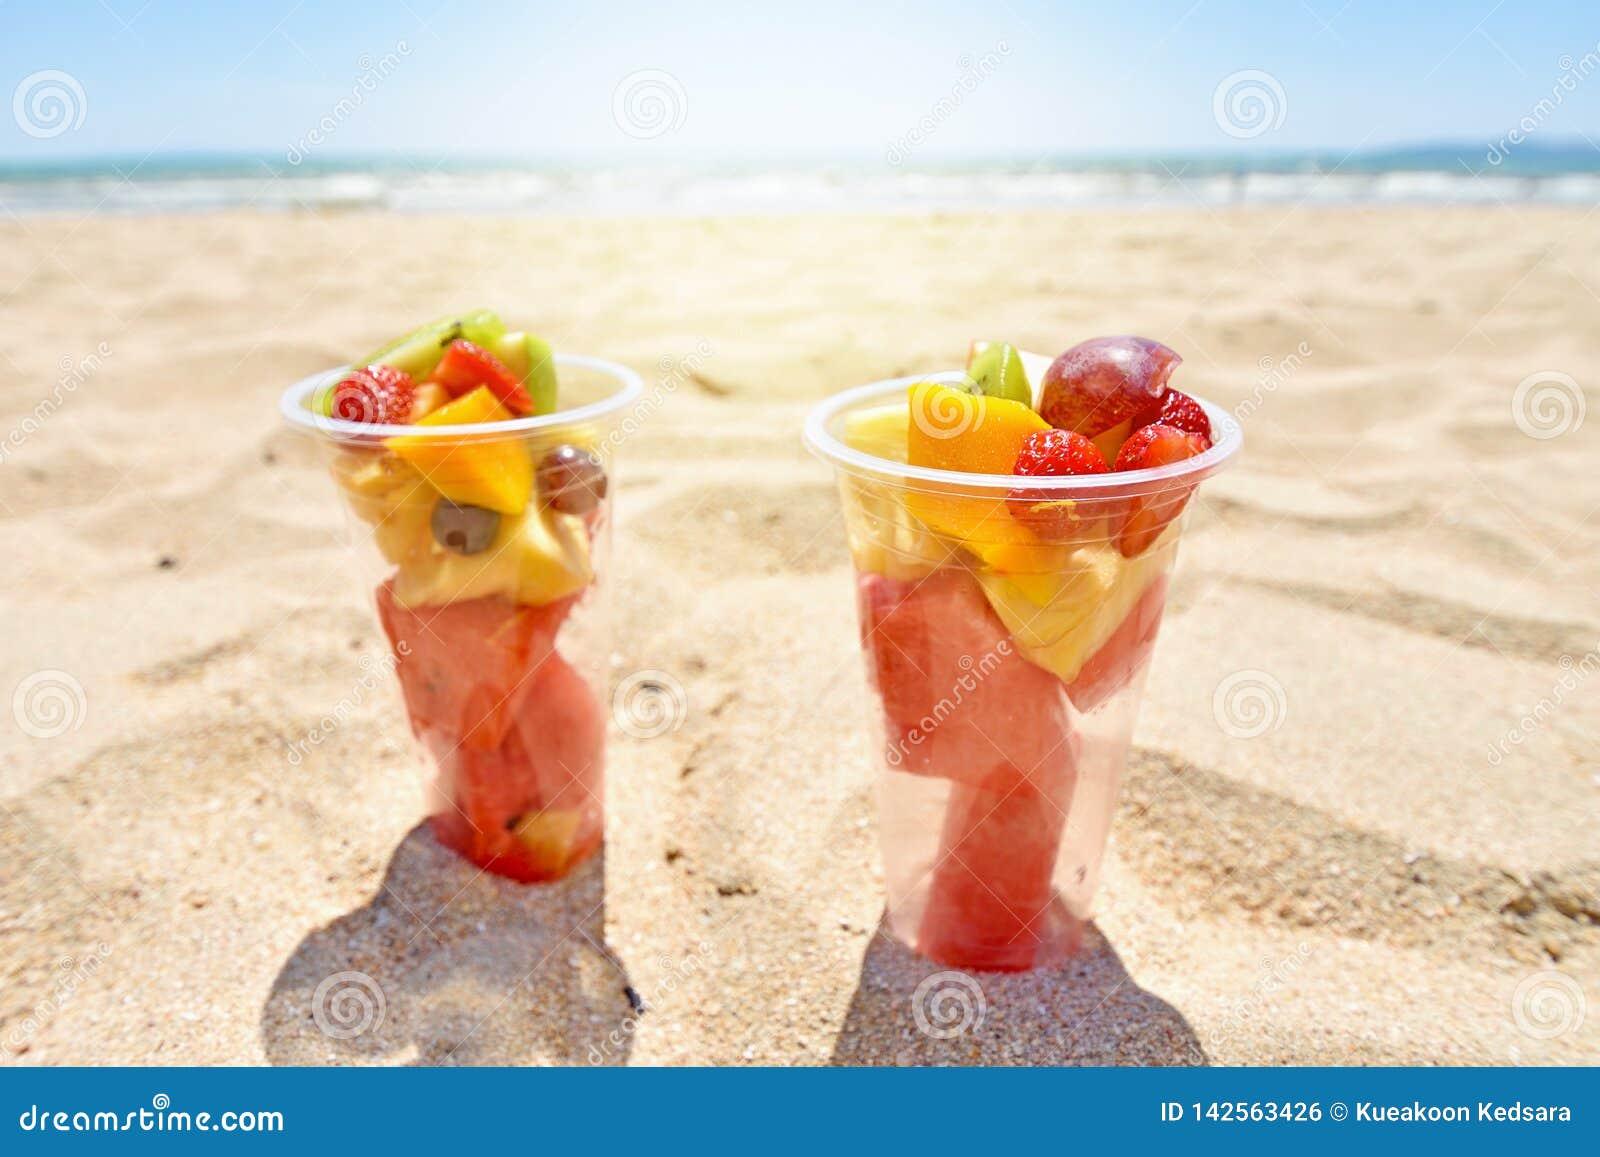 Salade de fruits dans des tasses en plastique sur la plage d été